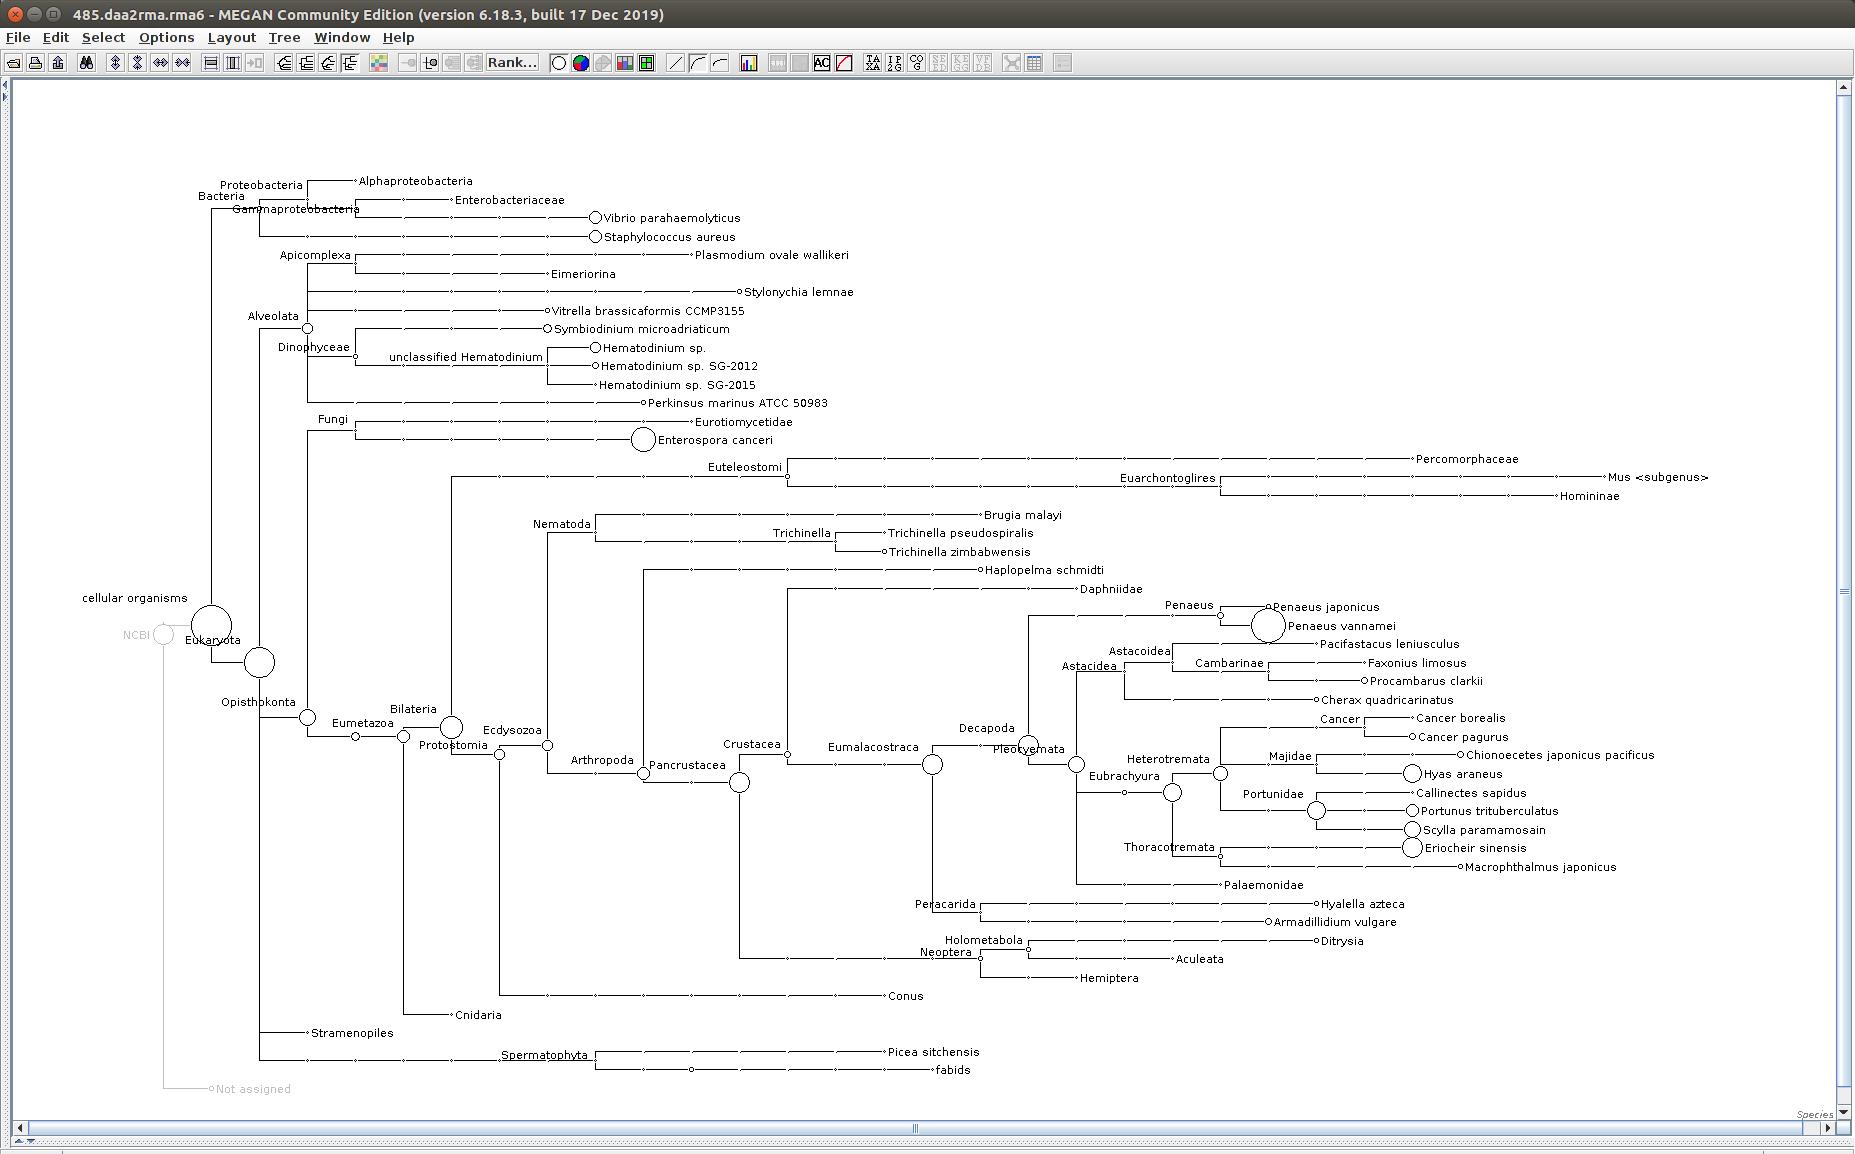 485 MEGAN6 taxonomic tree